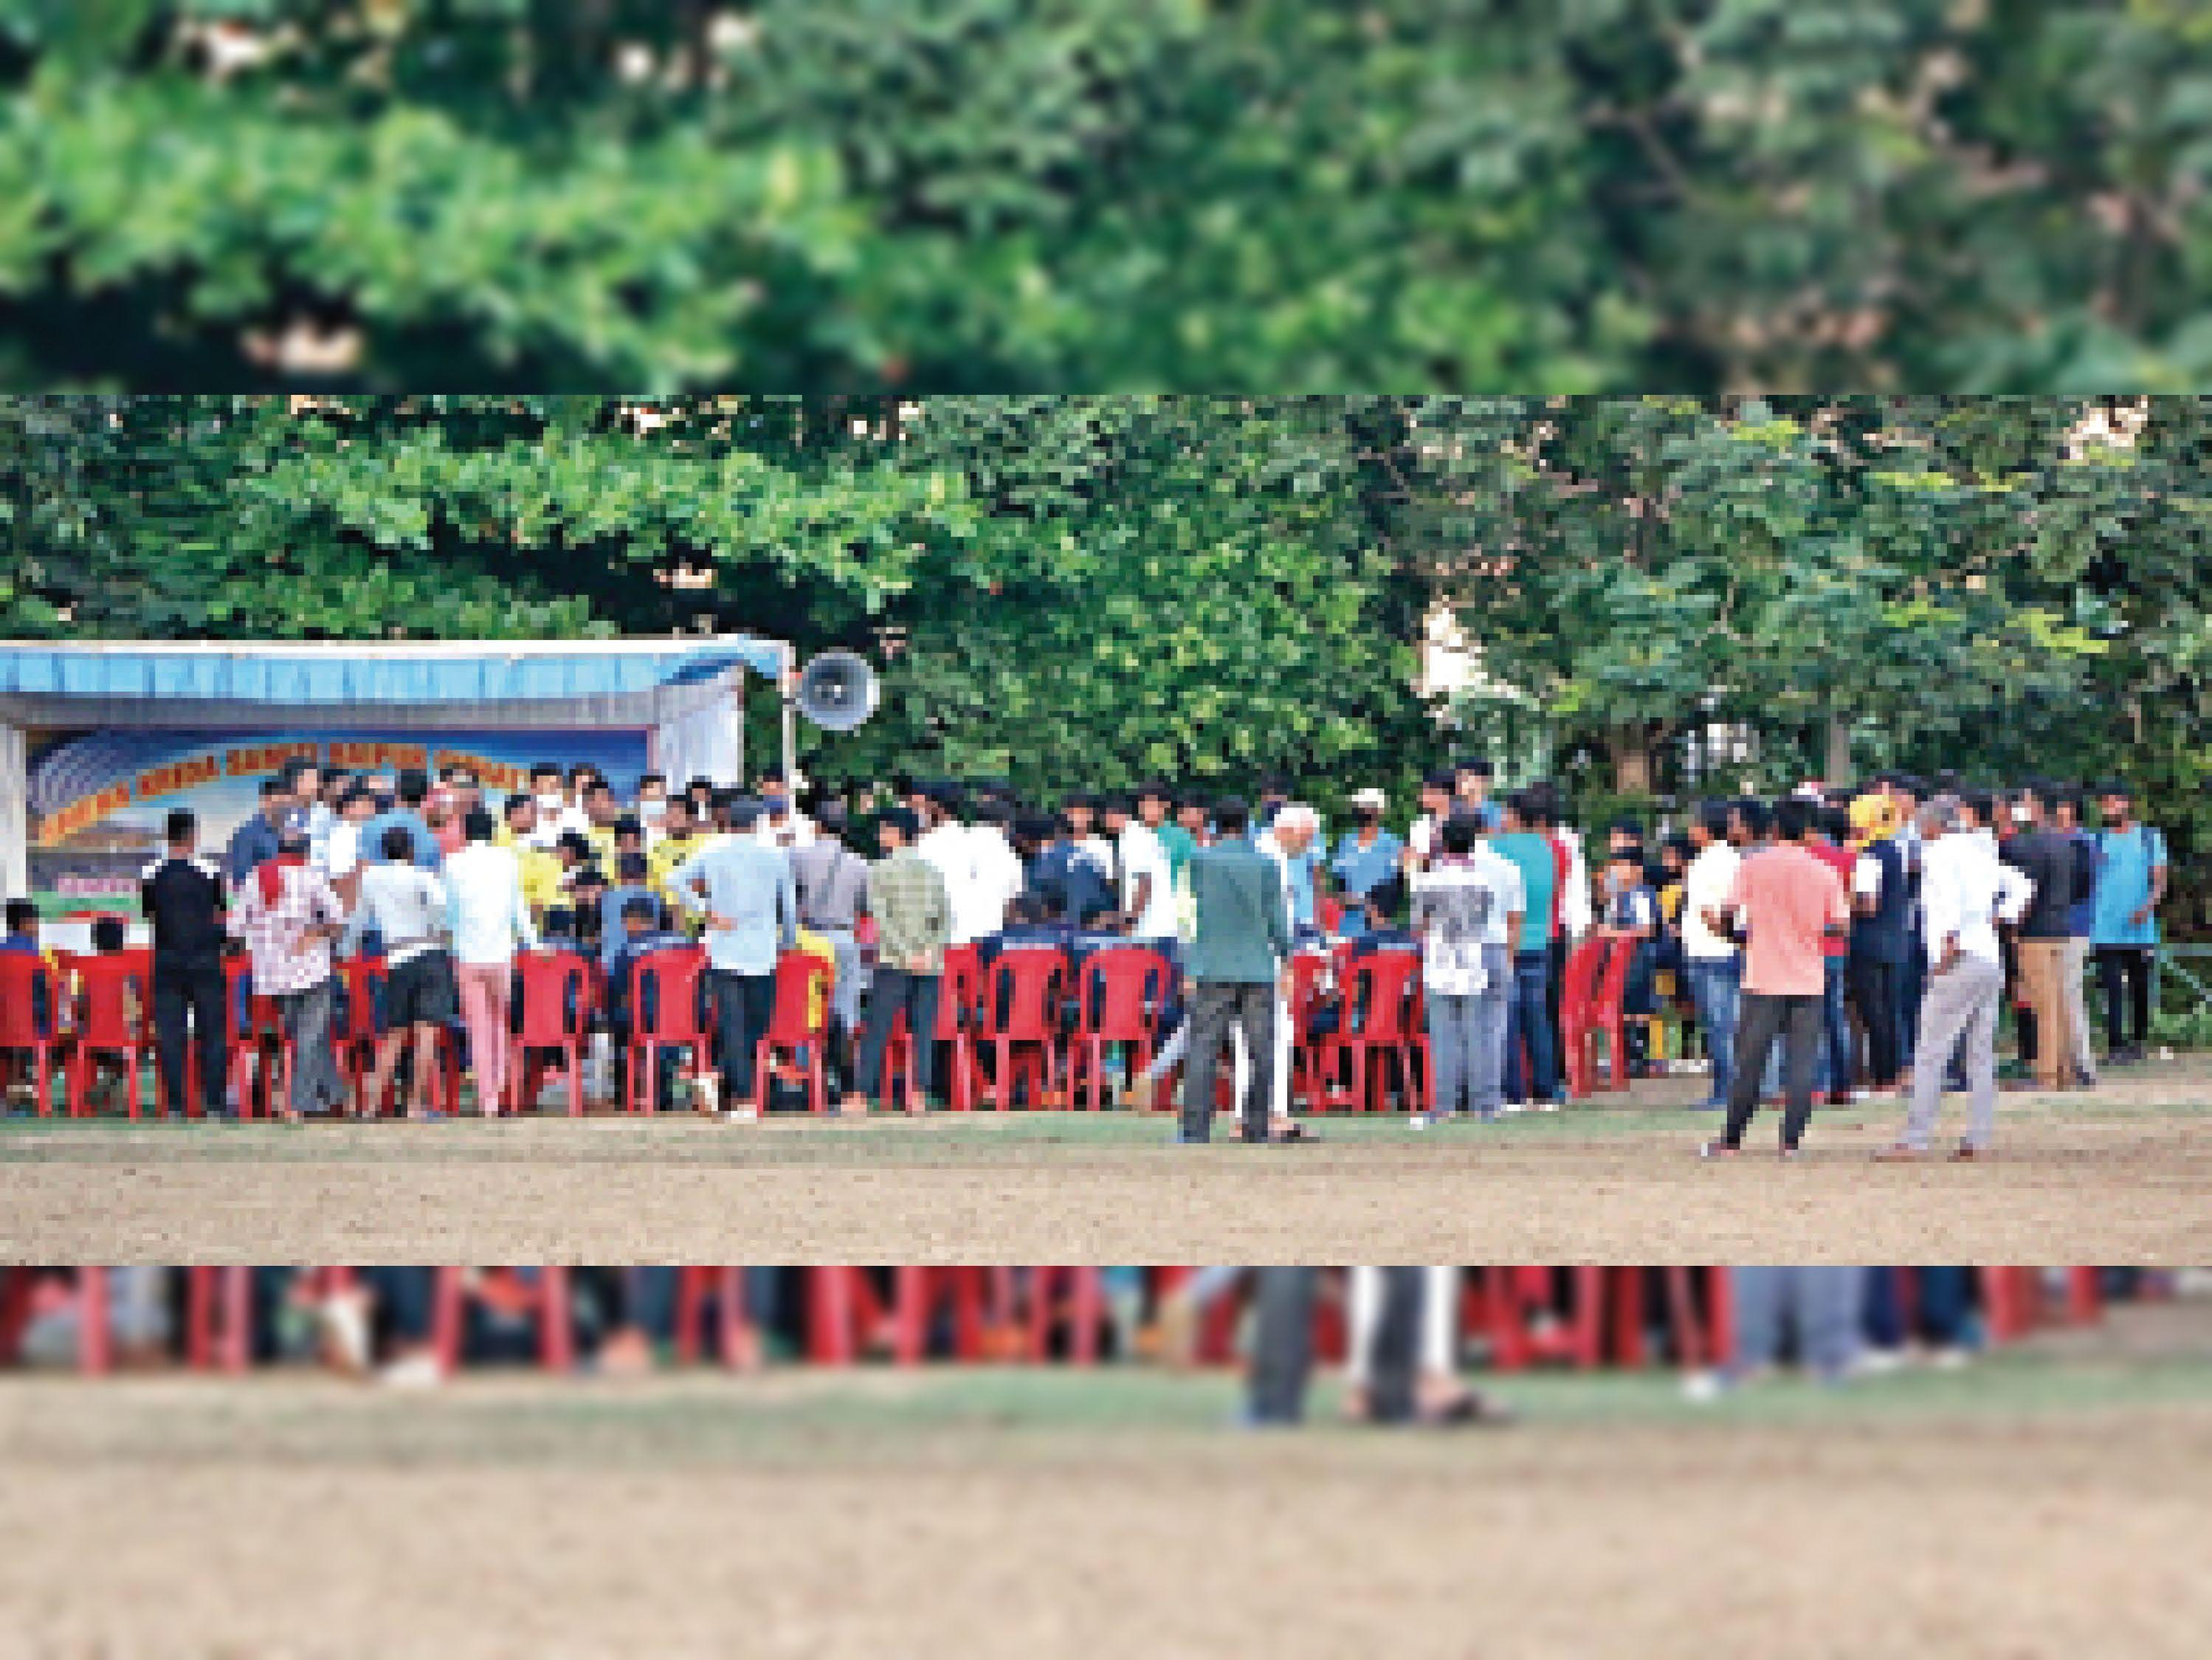 ये भीड़ सप्रे शाला मैदान में चल रही फुटबाल स्पर्धा की है। सिर्फ यही एक नहीं, हर तरह के इवेंट में ऐसी ही भीड़ जुटने लगी है। - Dainik Bhaskar